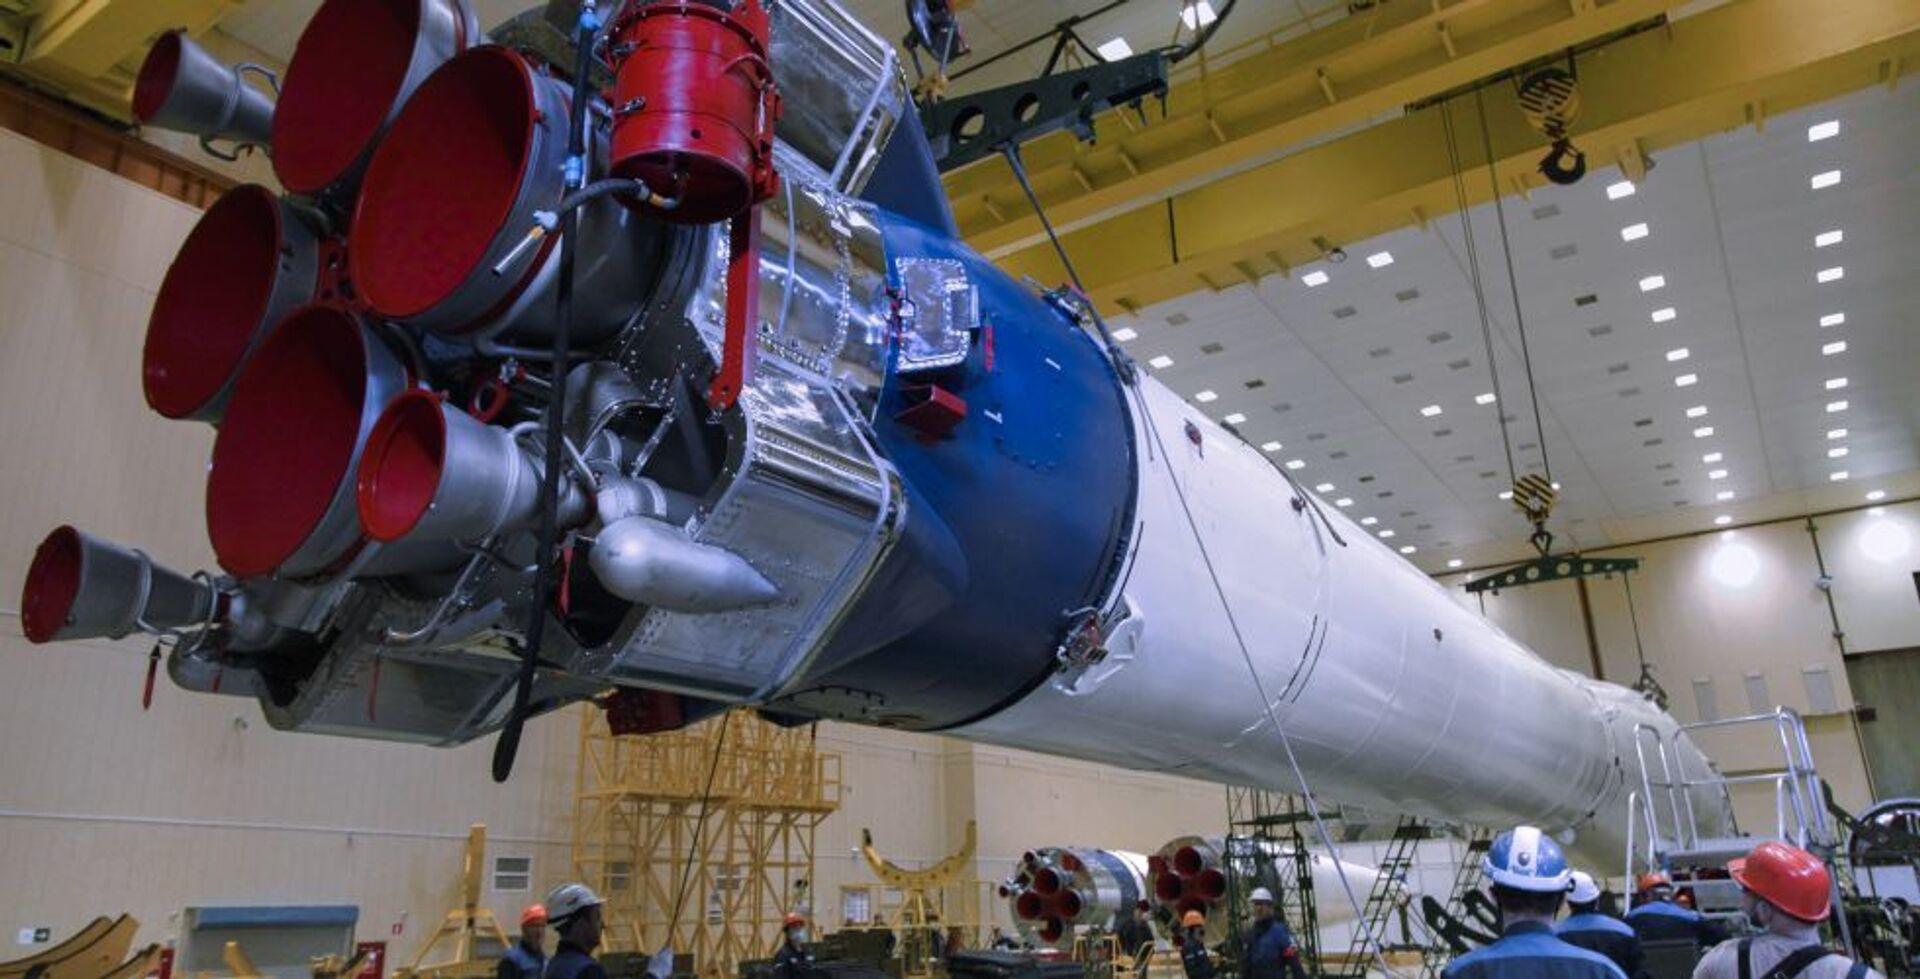 Roskosmos pokazał nową odsłonę rakiety Sojuz - Sputnik Polska, 1920, 13.03.2021